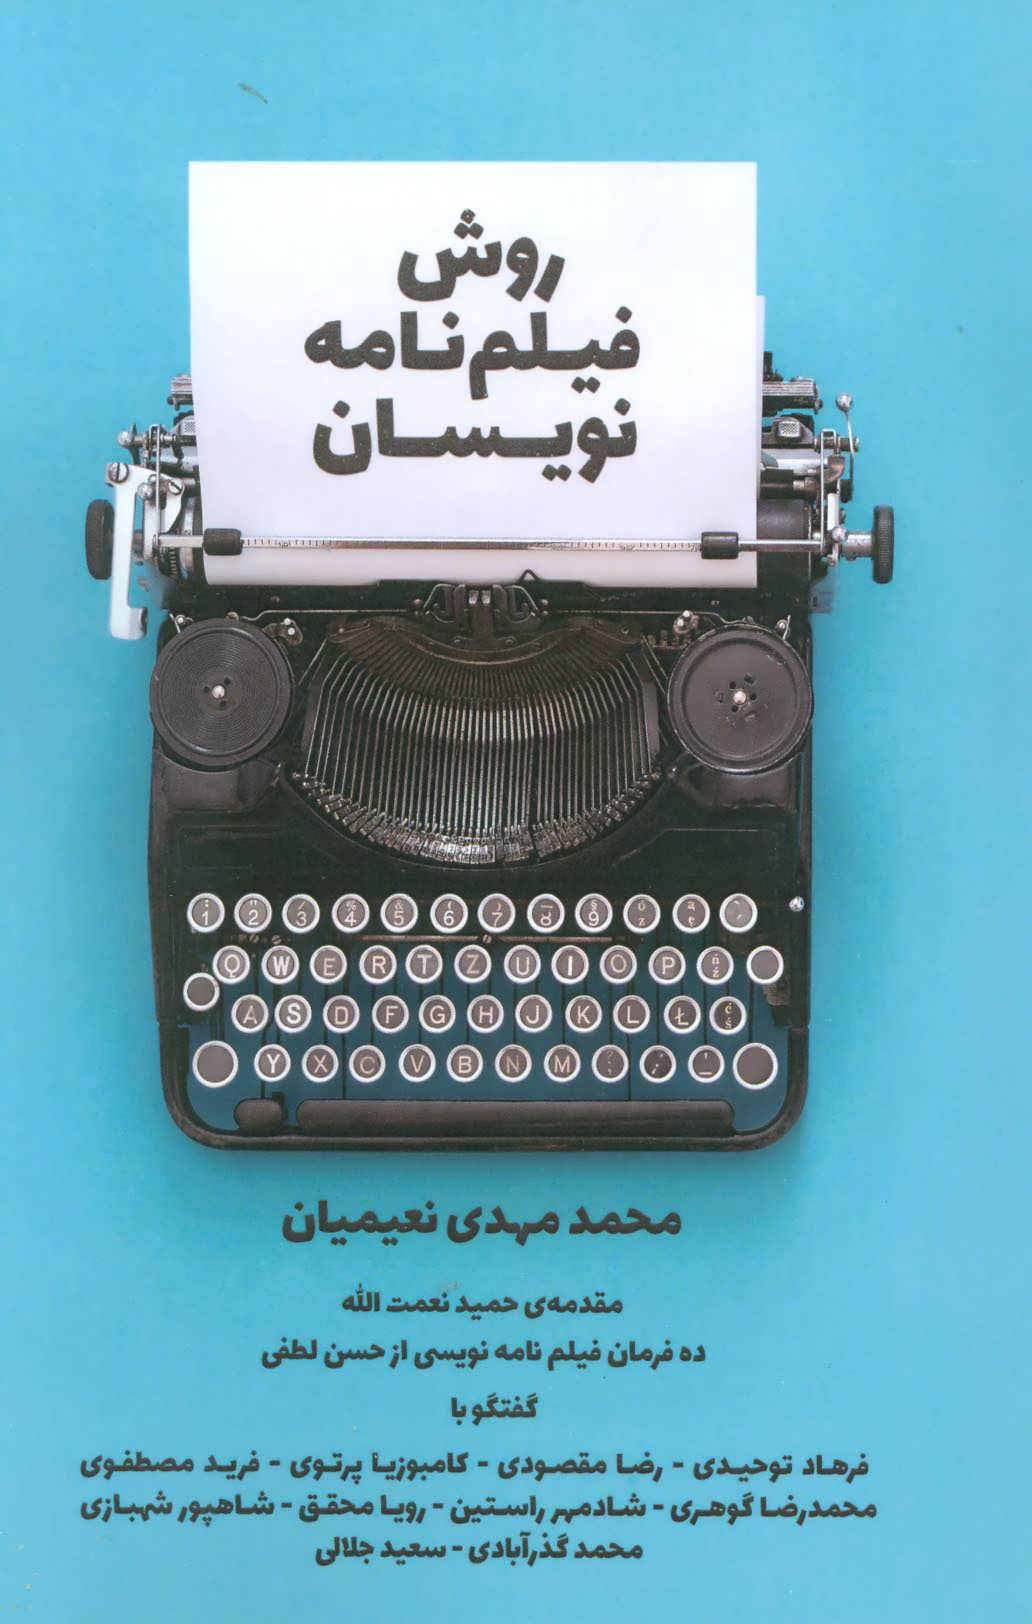 روش فیلم نامه نویسان